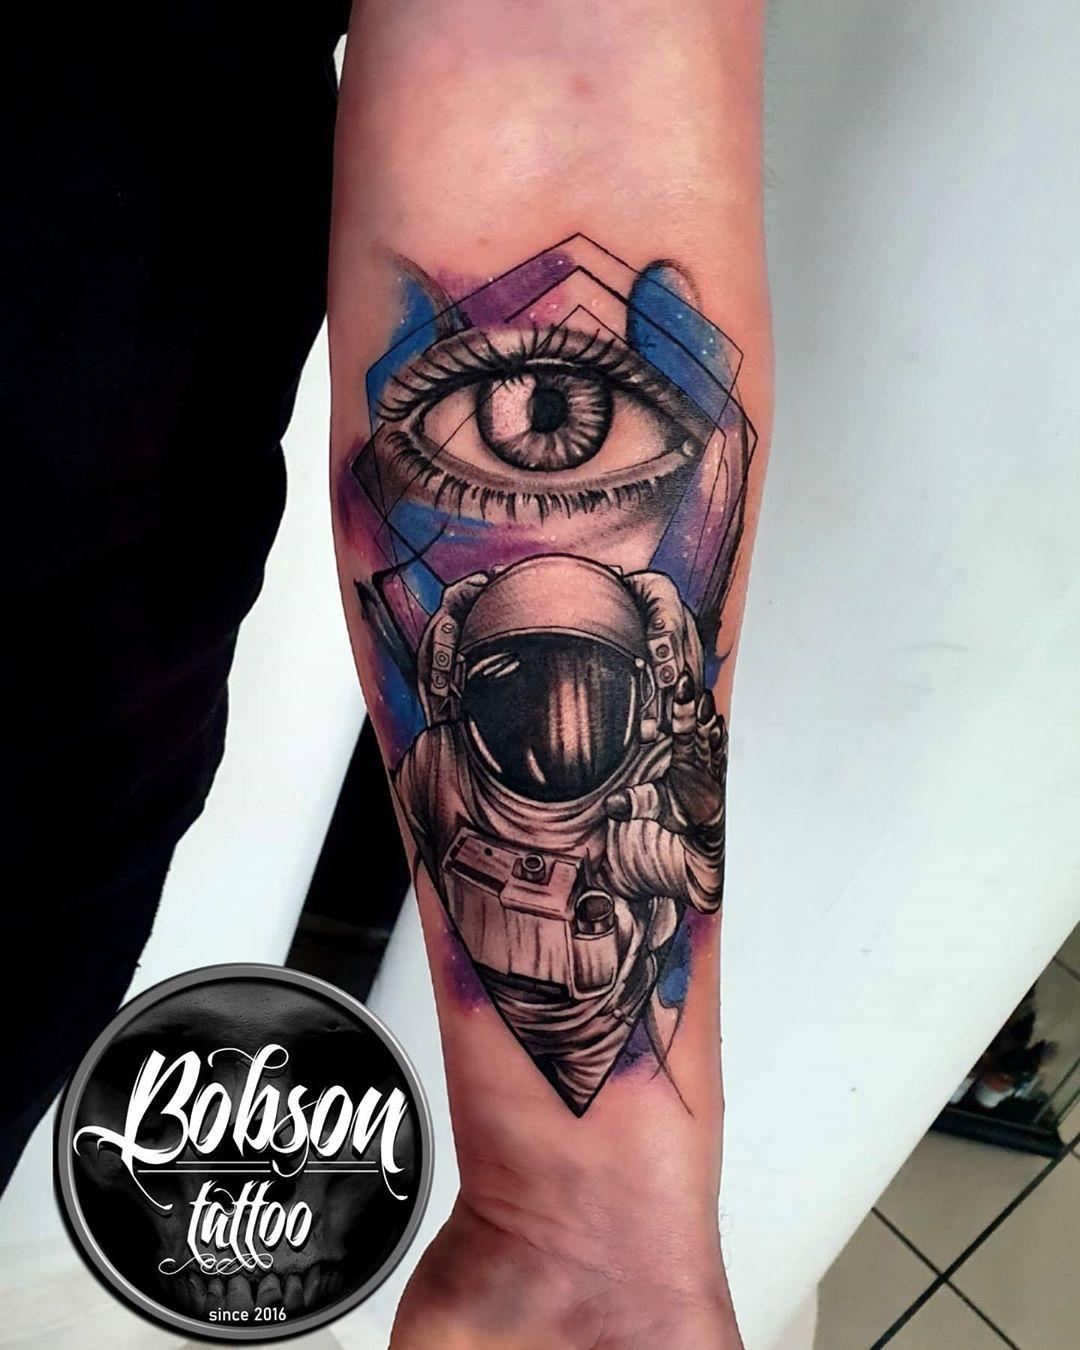 Inksearch tattoo BOBSON tattoo